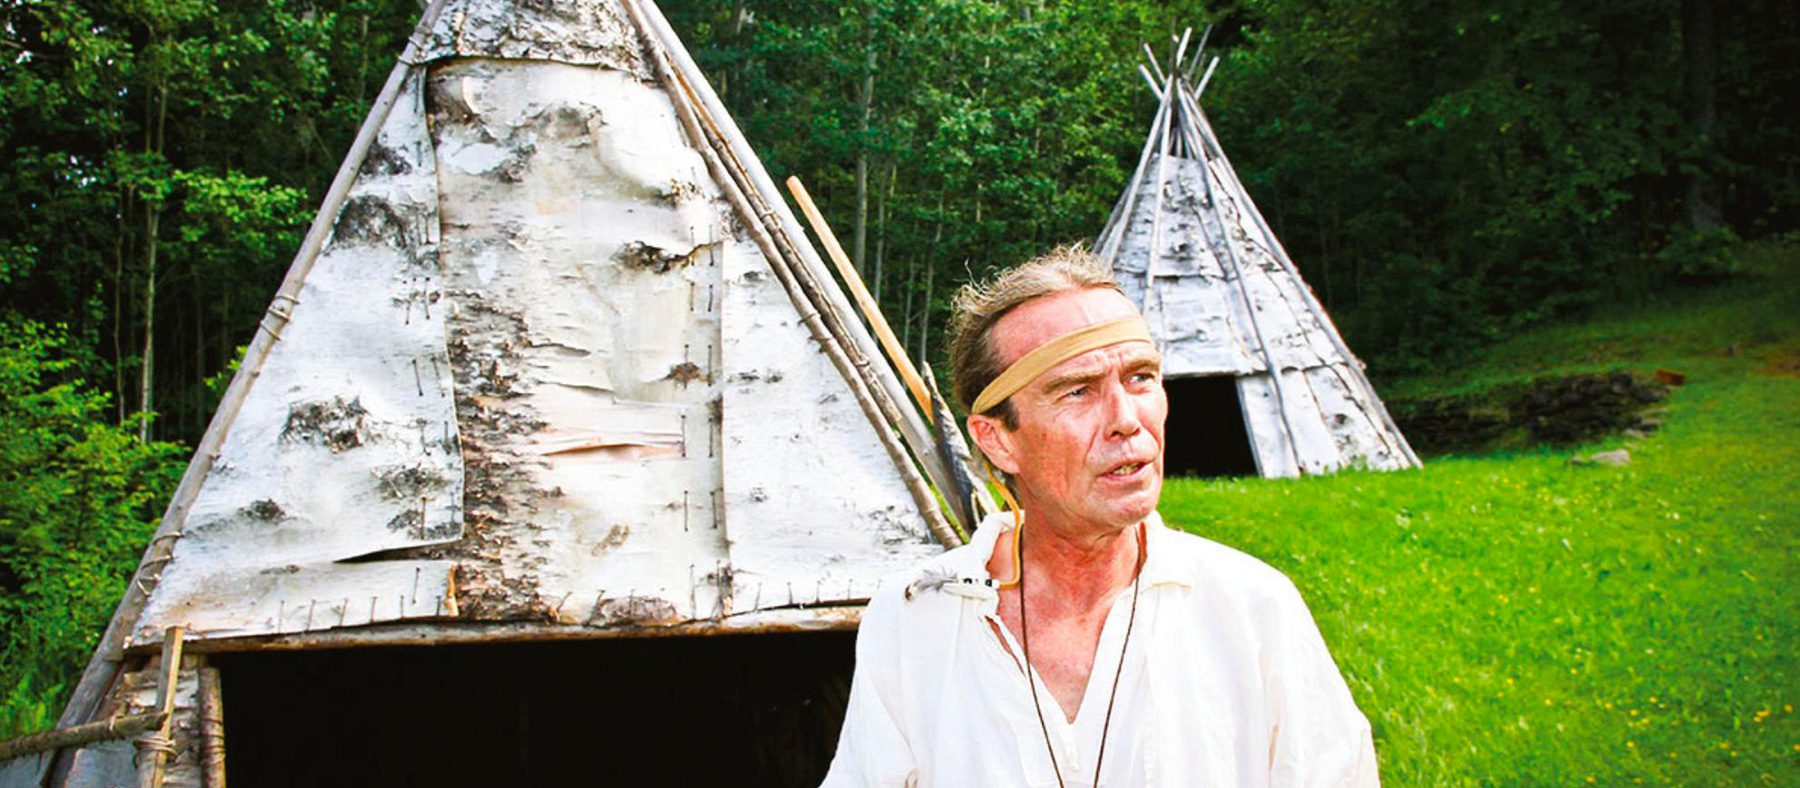 vivre-le-quebec-autochtone-observation-de-la-faune-hotel-site-micmac-gespeg-le-mag